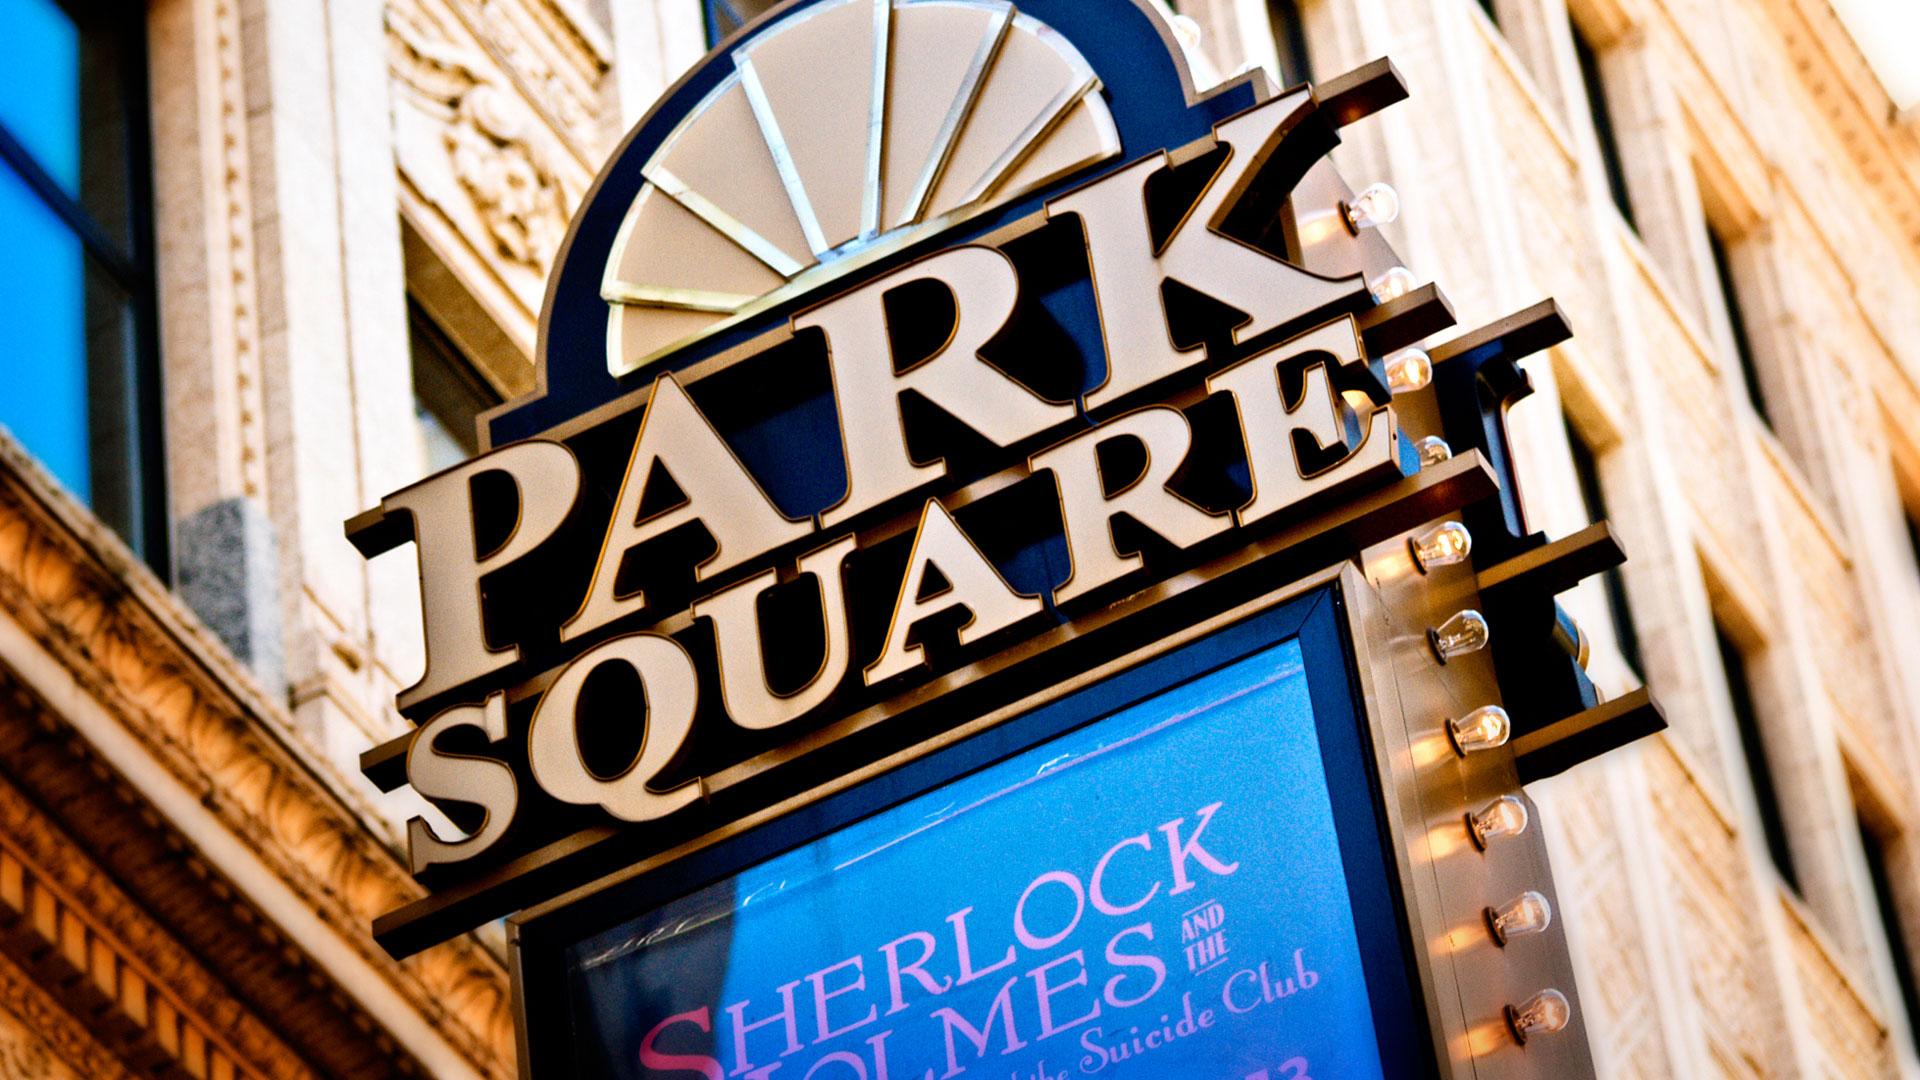 Park Square Theatre Company